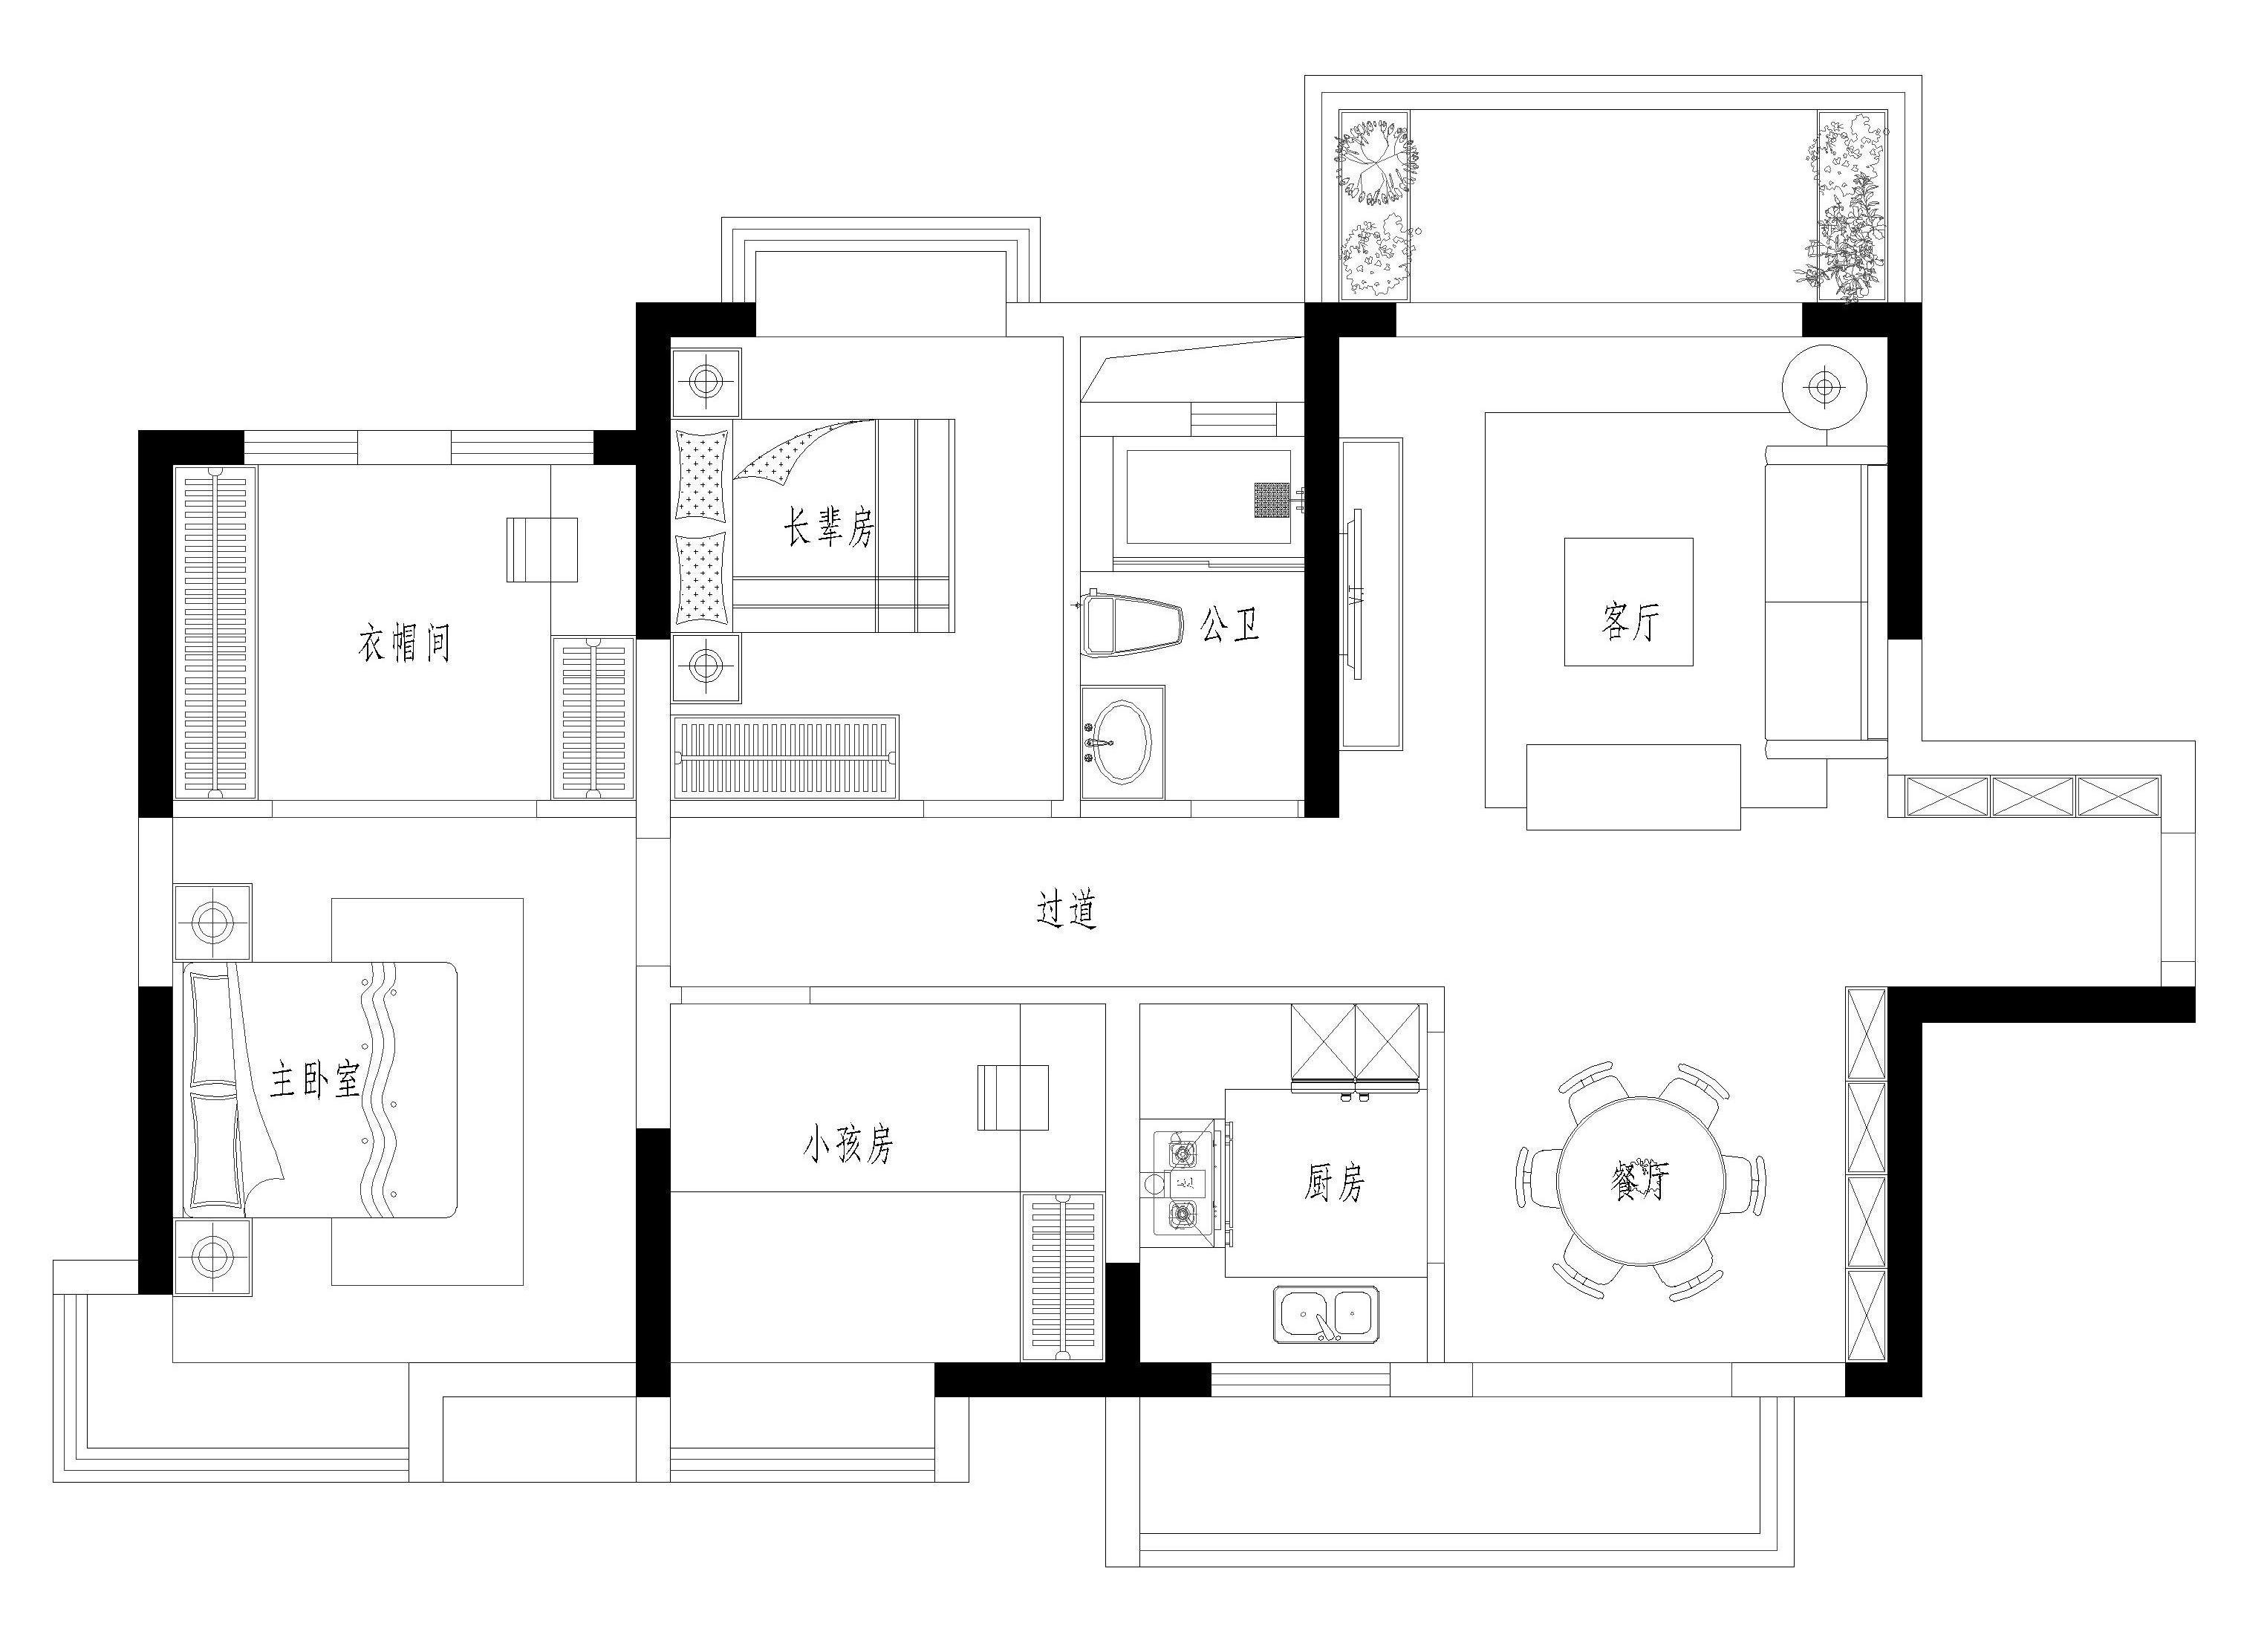 碧桂园茶山首府装修案例-120㎡现代简约三房二厅装修效果图装修设计理念